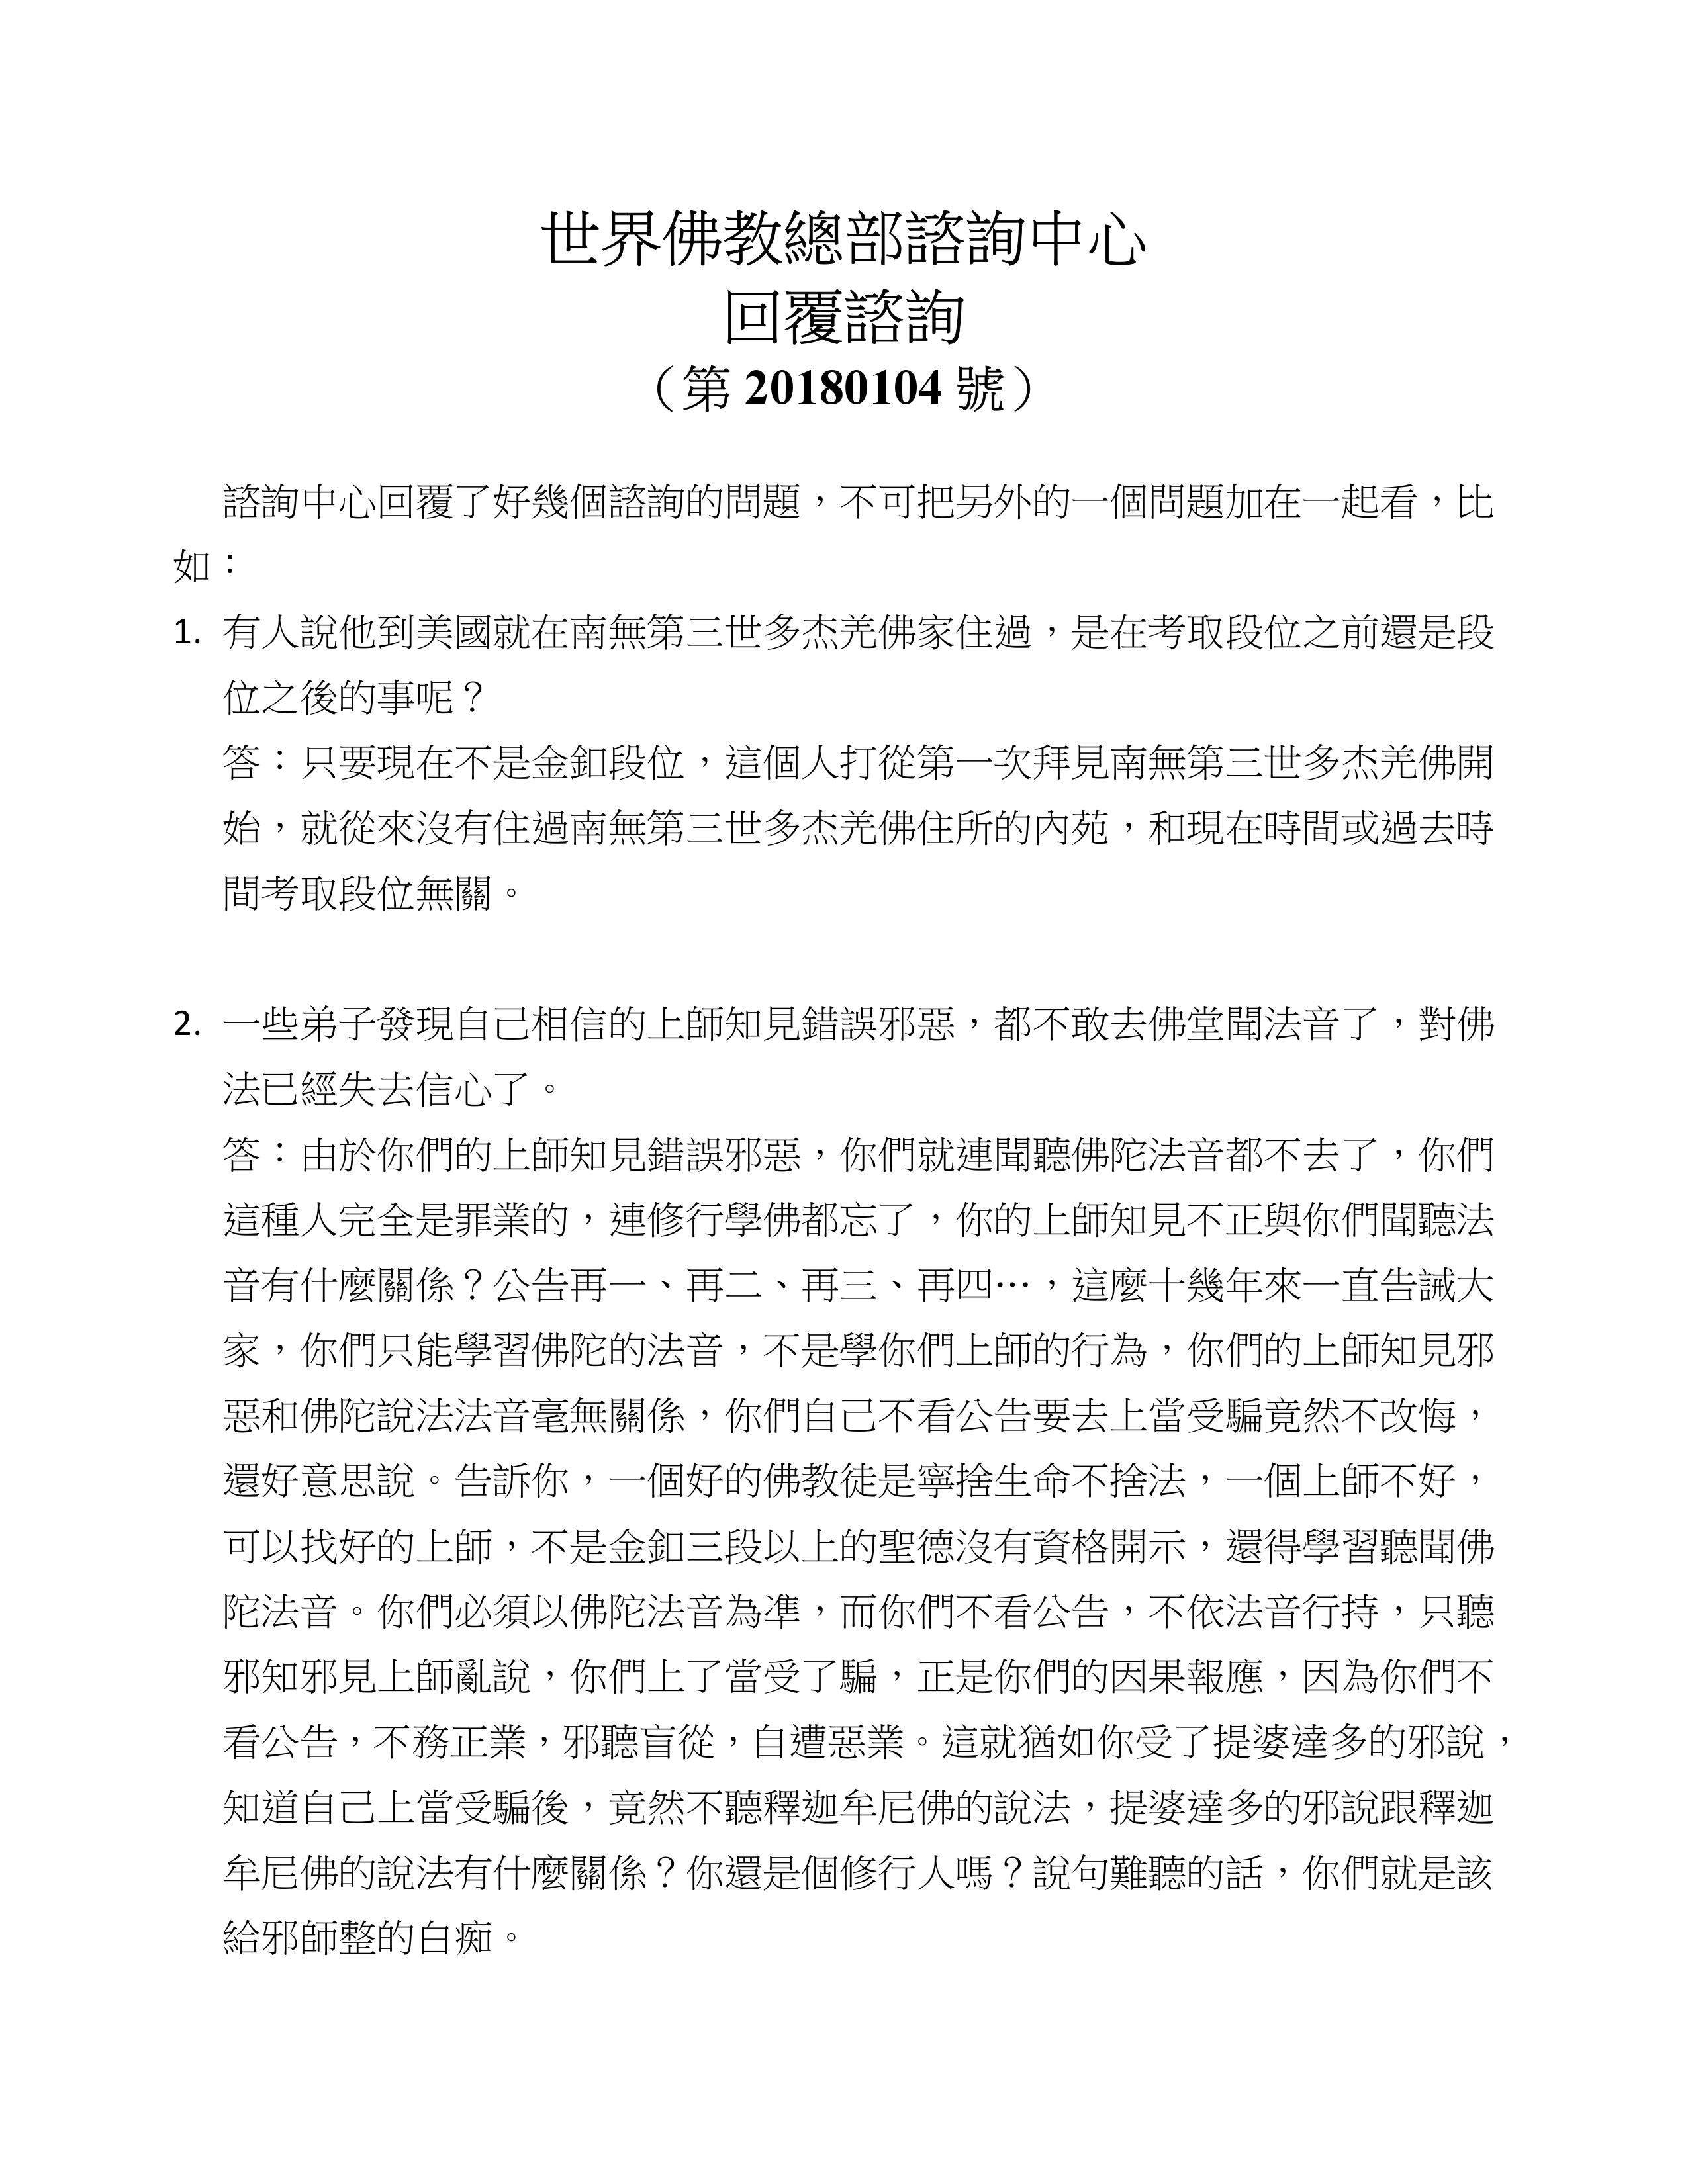 世界佛教總部諮詢中心回覆諮詢(第20180104號)Pg1